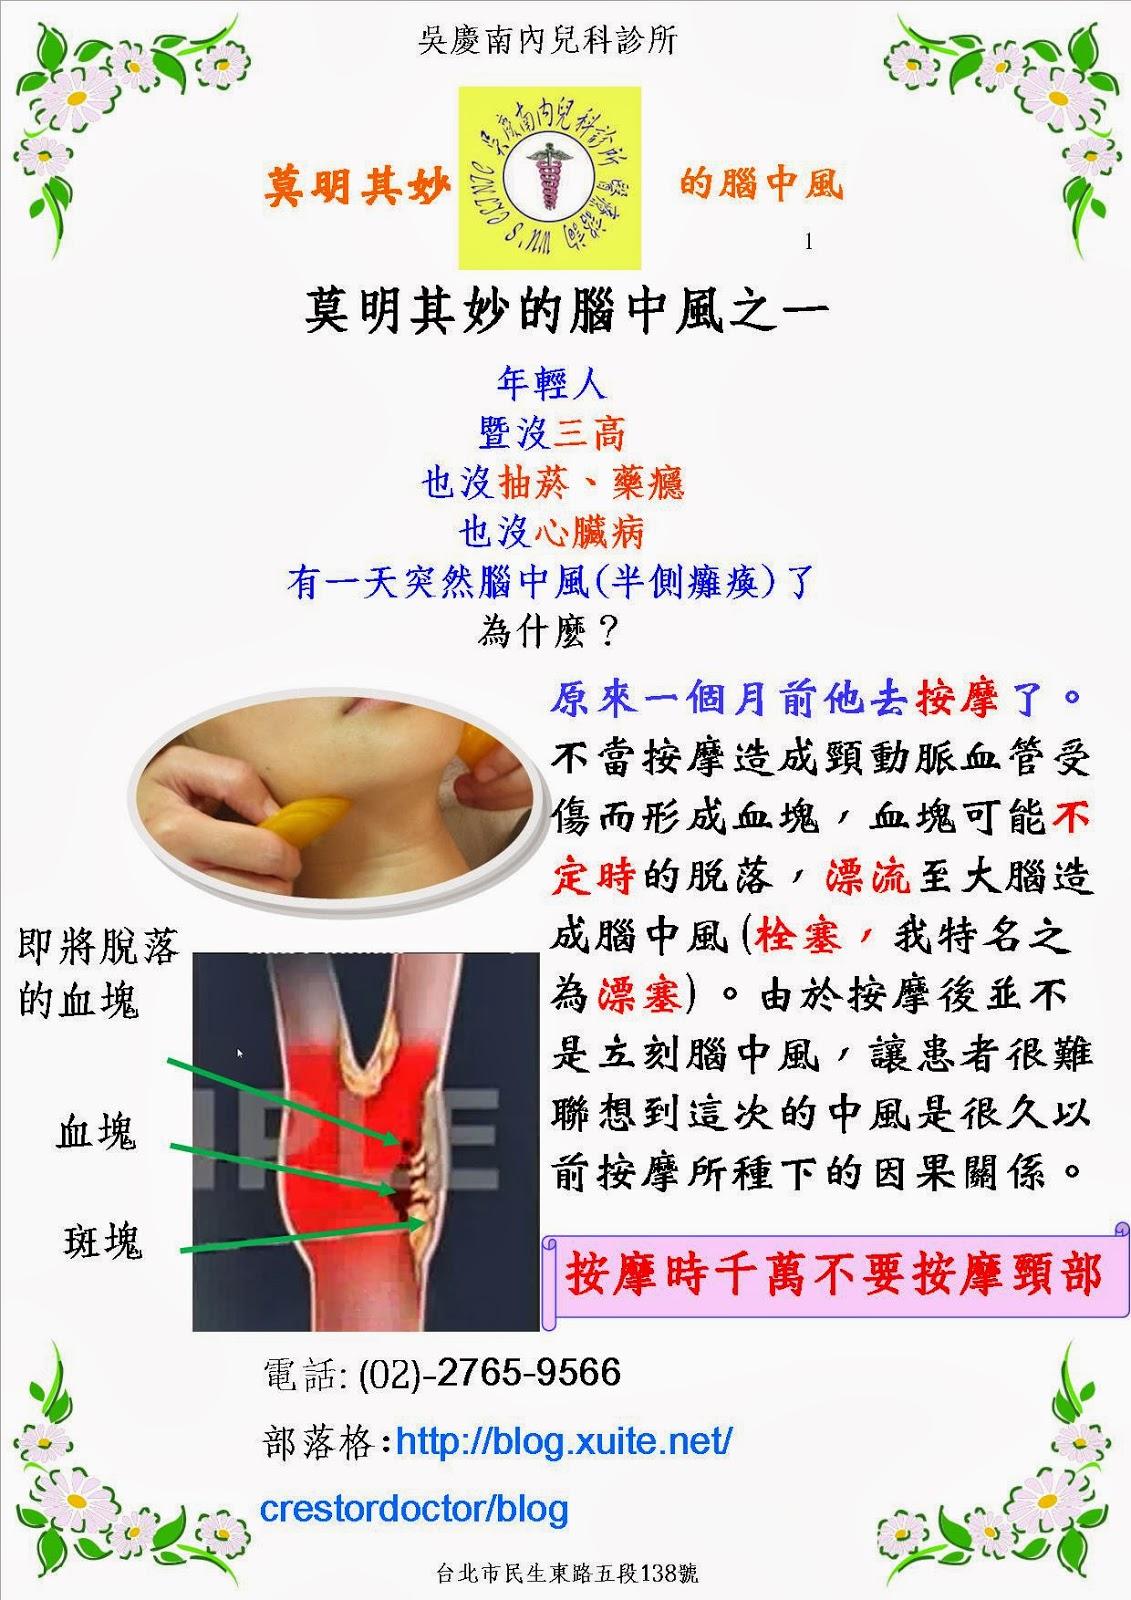 腦中風網誌_吳慶南內兒科診所: 莫明其妙的腦中風之一